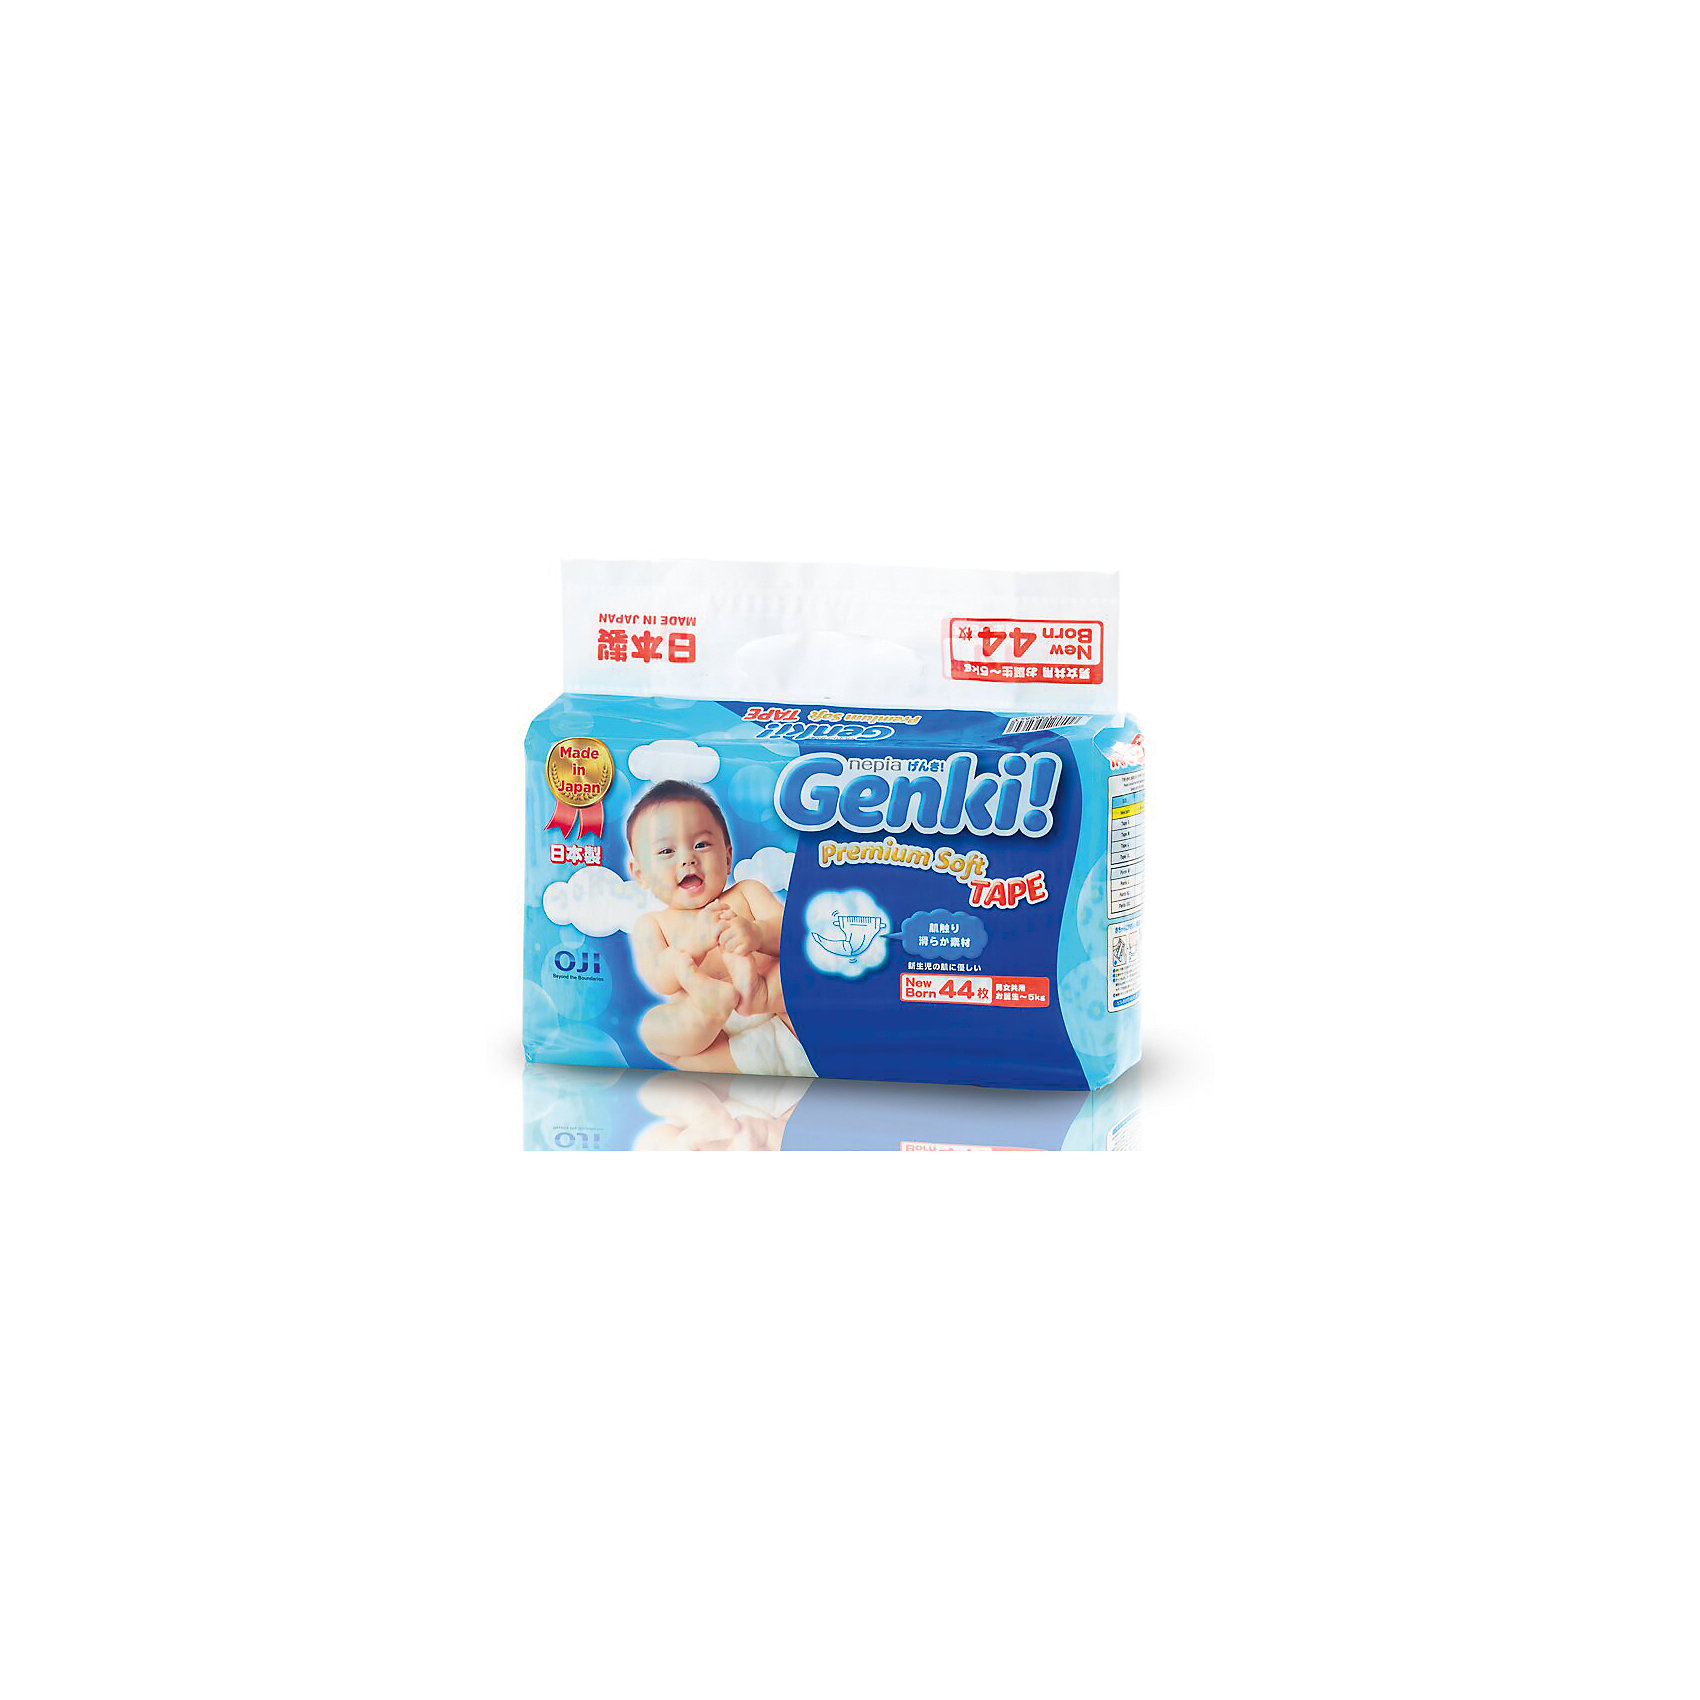 Подгузники Nepia Genki, 0-5 кг., размер NB, 44 шт.,GenkiПодгузники до 5 кг.<br>Характеристики:<br><br>• вес ребенка: до 5 кг;<br>• размер: NB;<br>• наличие индикатора (желтый/синий цвет);<br>• широкая фиксирующая лента, 5,5 см);<br>• герметичная вставка, которая предотвращает протекание;<br>• материалы поверхности: полиэфир и полиолефин, хлопок;<br>• впитывающий материал: ватоподобная пульпа, впитывающая бумага, впитывающий материал;<br>• связующий материал: стирен, бутадиен;<br>• количество в упаковке: 44 шт.<br><br>Японские дышащие подгузники Genki изготовлены из мягкого материала, впитывающий слой за секунды поглощает влагу, детская кожа остается сухой. Индикаторы наполнения позволяют маме контролировать наполненность подгузника, не расстегивая липучки. Когда желтый цвет меняется на синий, это сигнализирует о наполненности подгузника, следовательно, подгузник пора менять. Эластичная вставка из микропористого материала предотвращает протекание. Нежная кожа малыша свободно дышит, не появляются опрелости, не возникает раздражение. <br><br>Подгузники Nepia Genki, 0-5 кг., размер NB, 44 шт.,Genki можно купить в нашем интернет-магазине.<br><br>Ширина мм: 120<br>Глубина мм: 320<br>Высота мм: 170<br>Вес г: 810<br>Возраст от месяцев: 0<br>Возраст до месяцев: 3<br>Пол: Унисекс<br>Возраст: Детский<br>SKU: 5504693